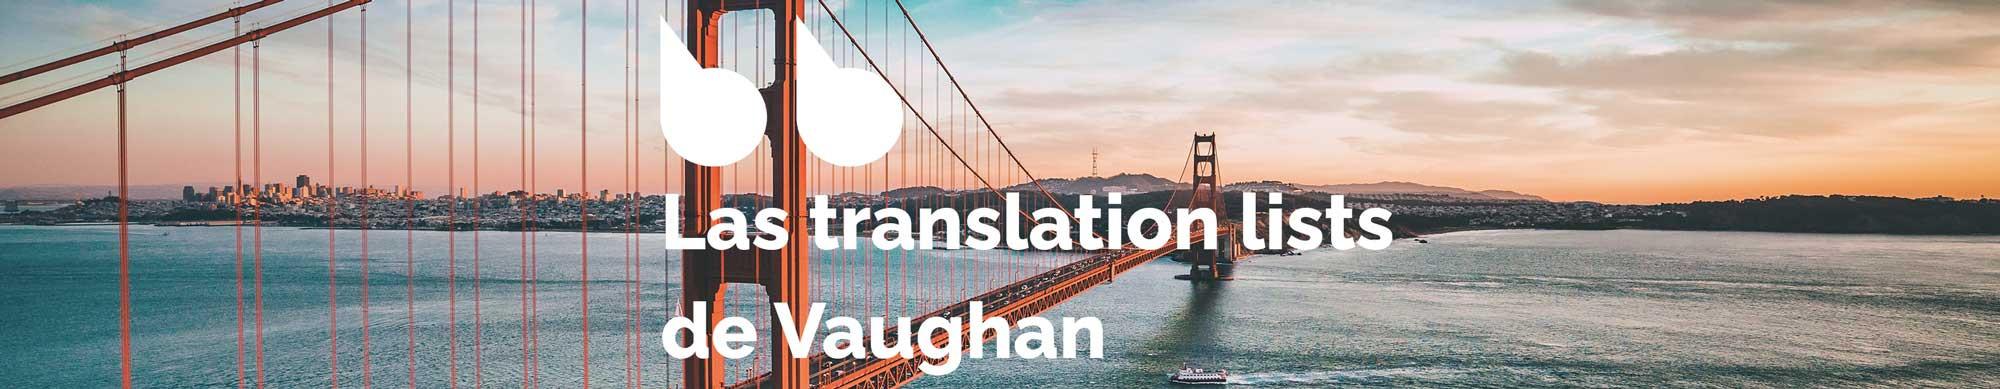 Ejercicios de inglés de nivel avanzado - Translation List 34